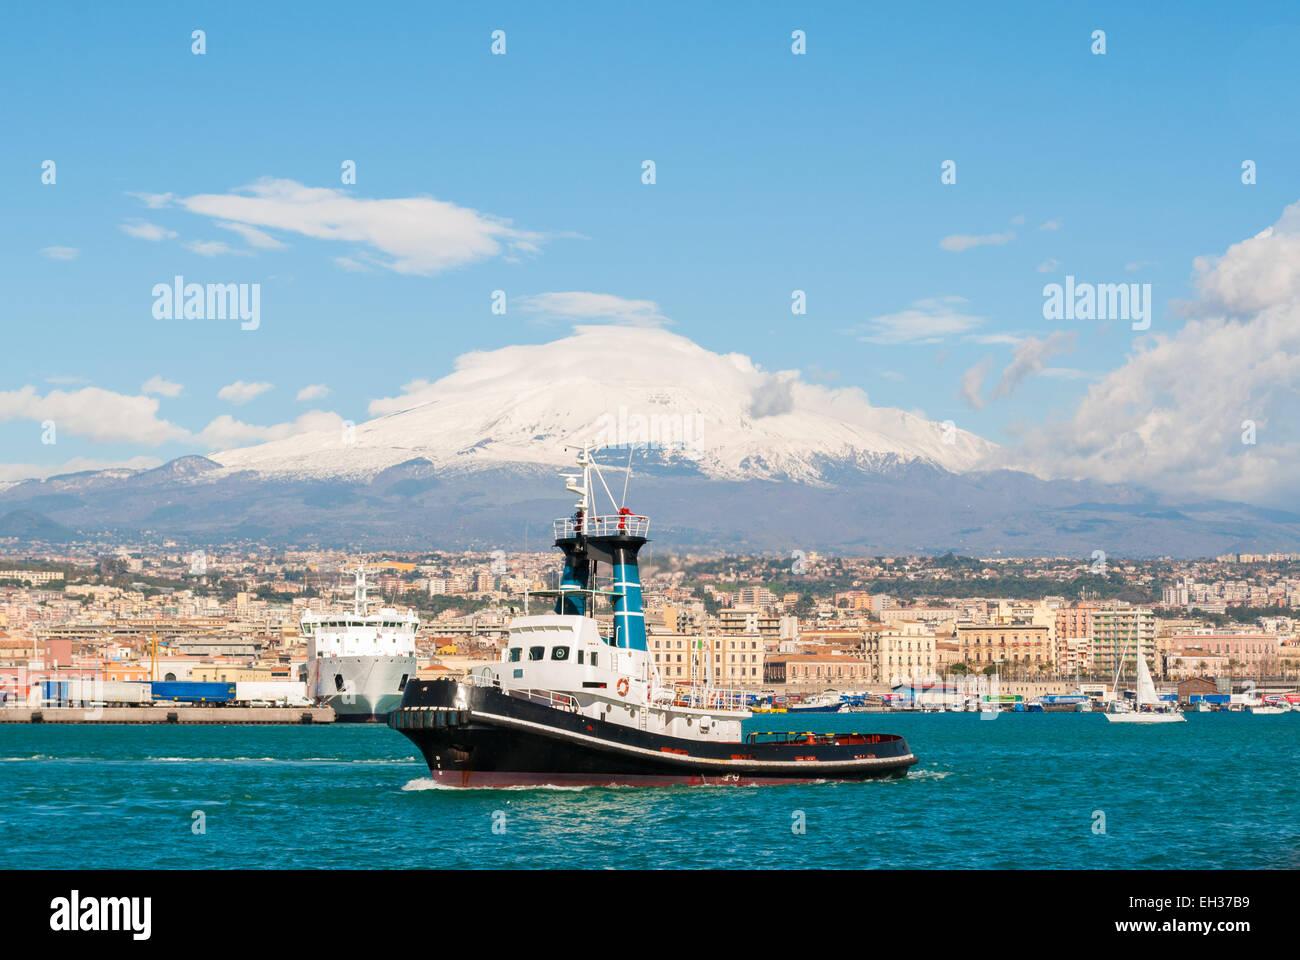 Ein Schlepper verlassen den Hafen von Catania. Vulkan Ätna im Hintergrund Stockbild